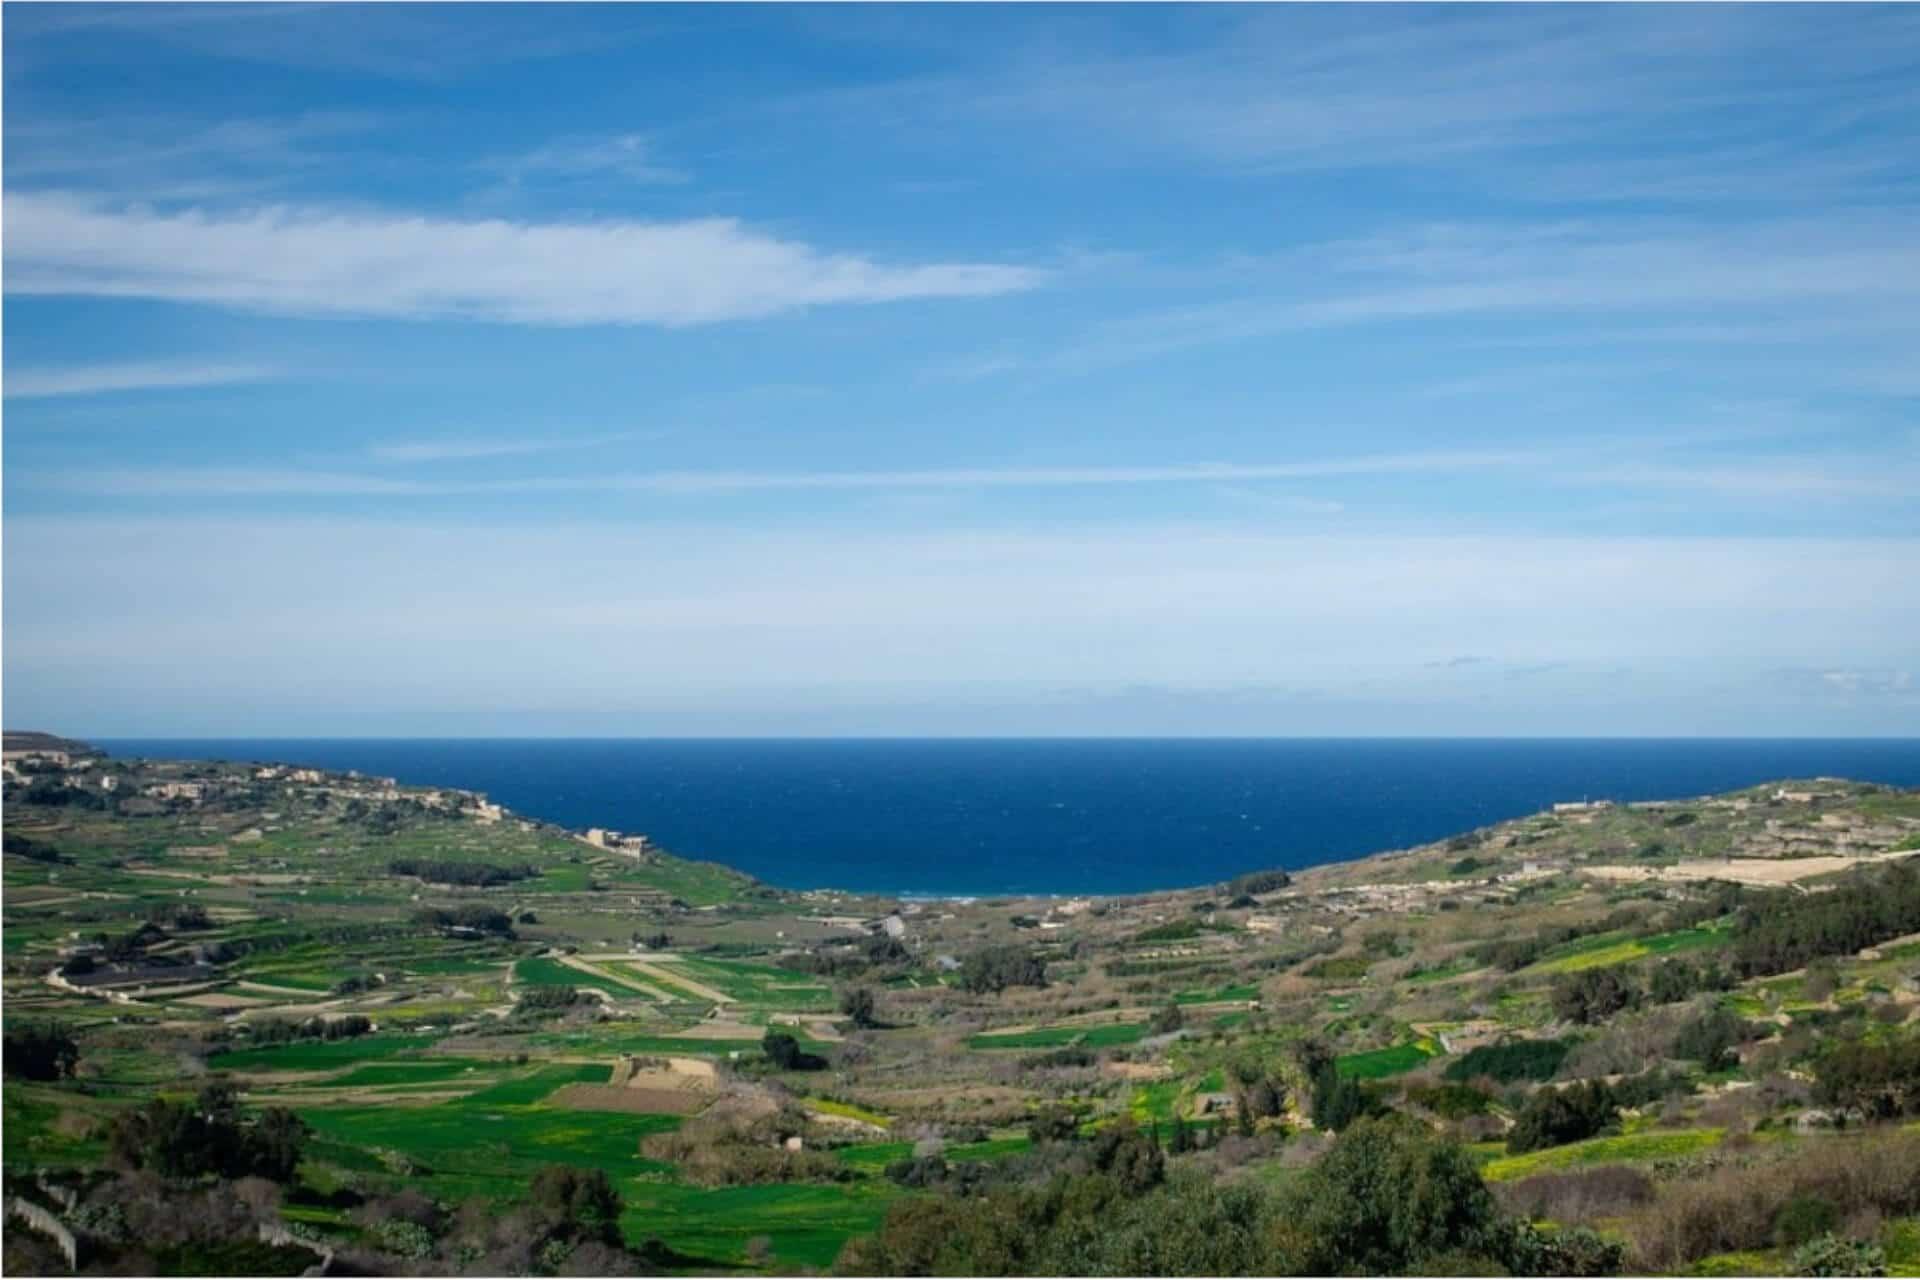 Avoir un logement excentré à Malte : bonne ou mauvaise idée ?